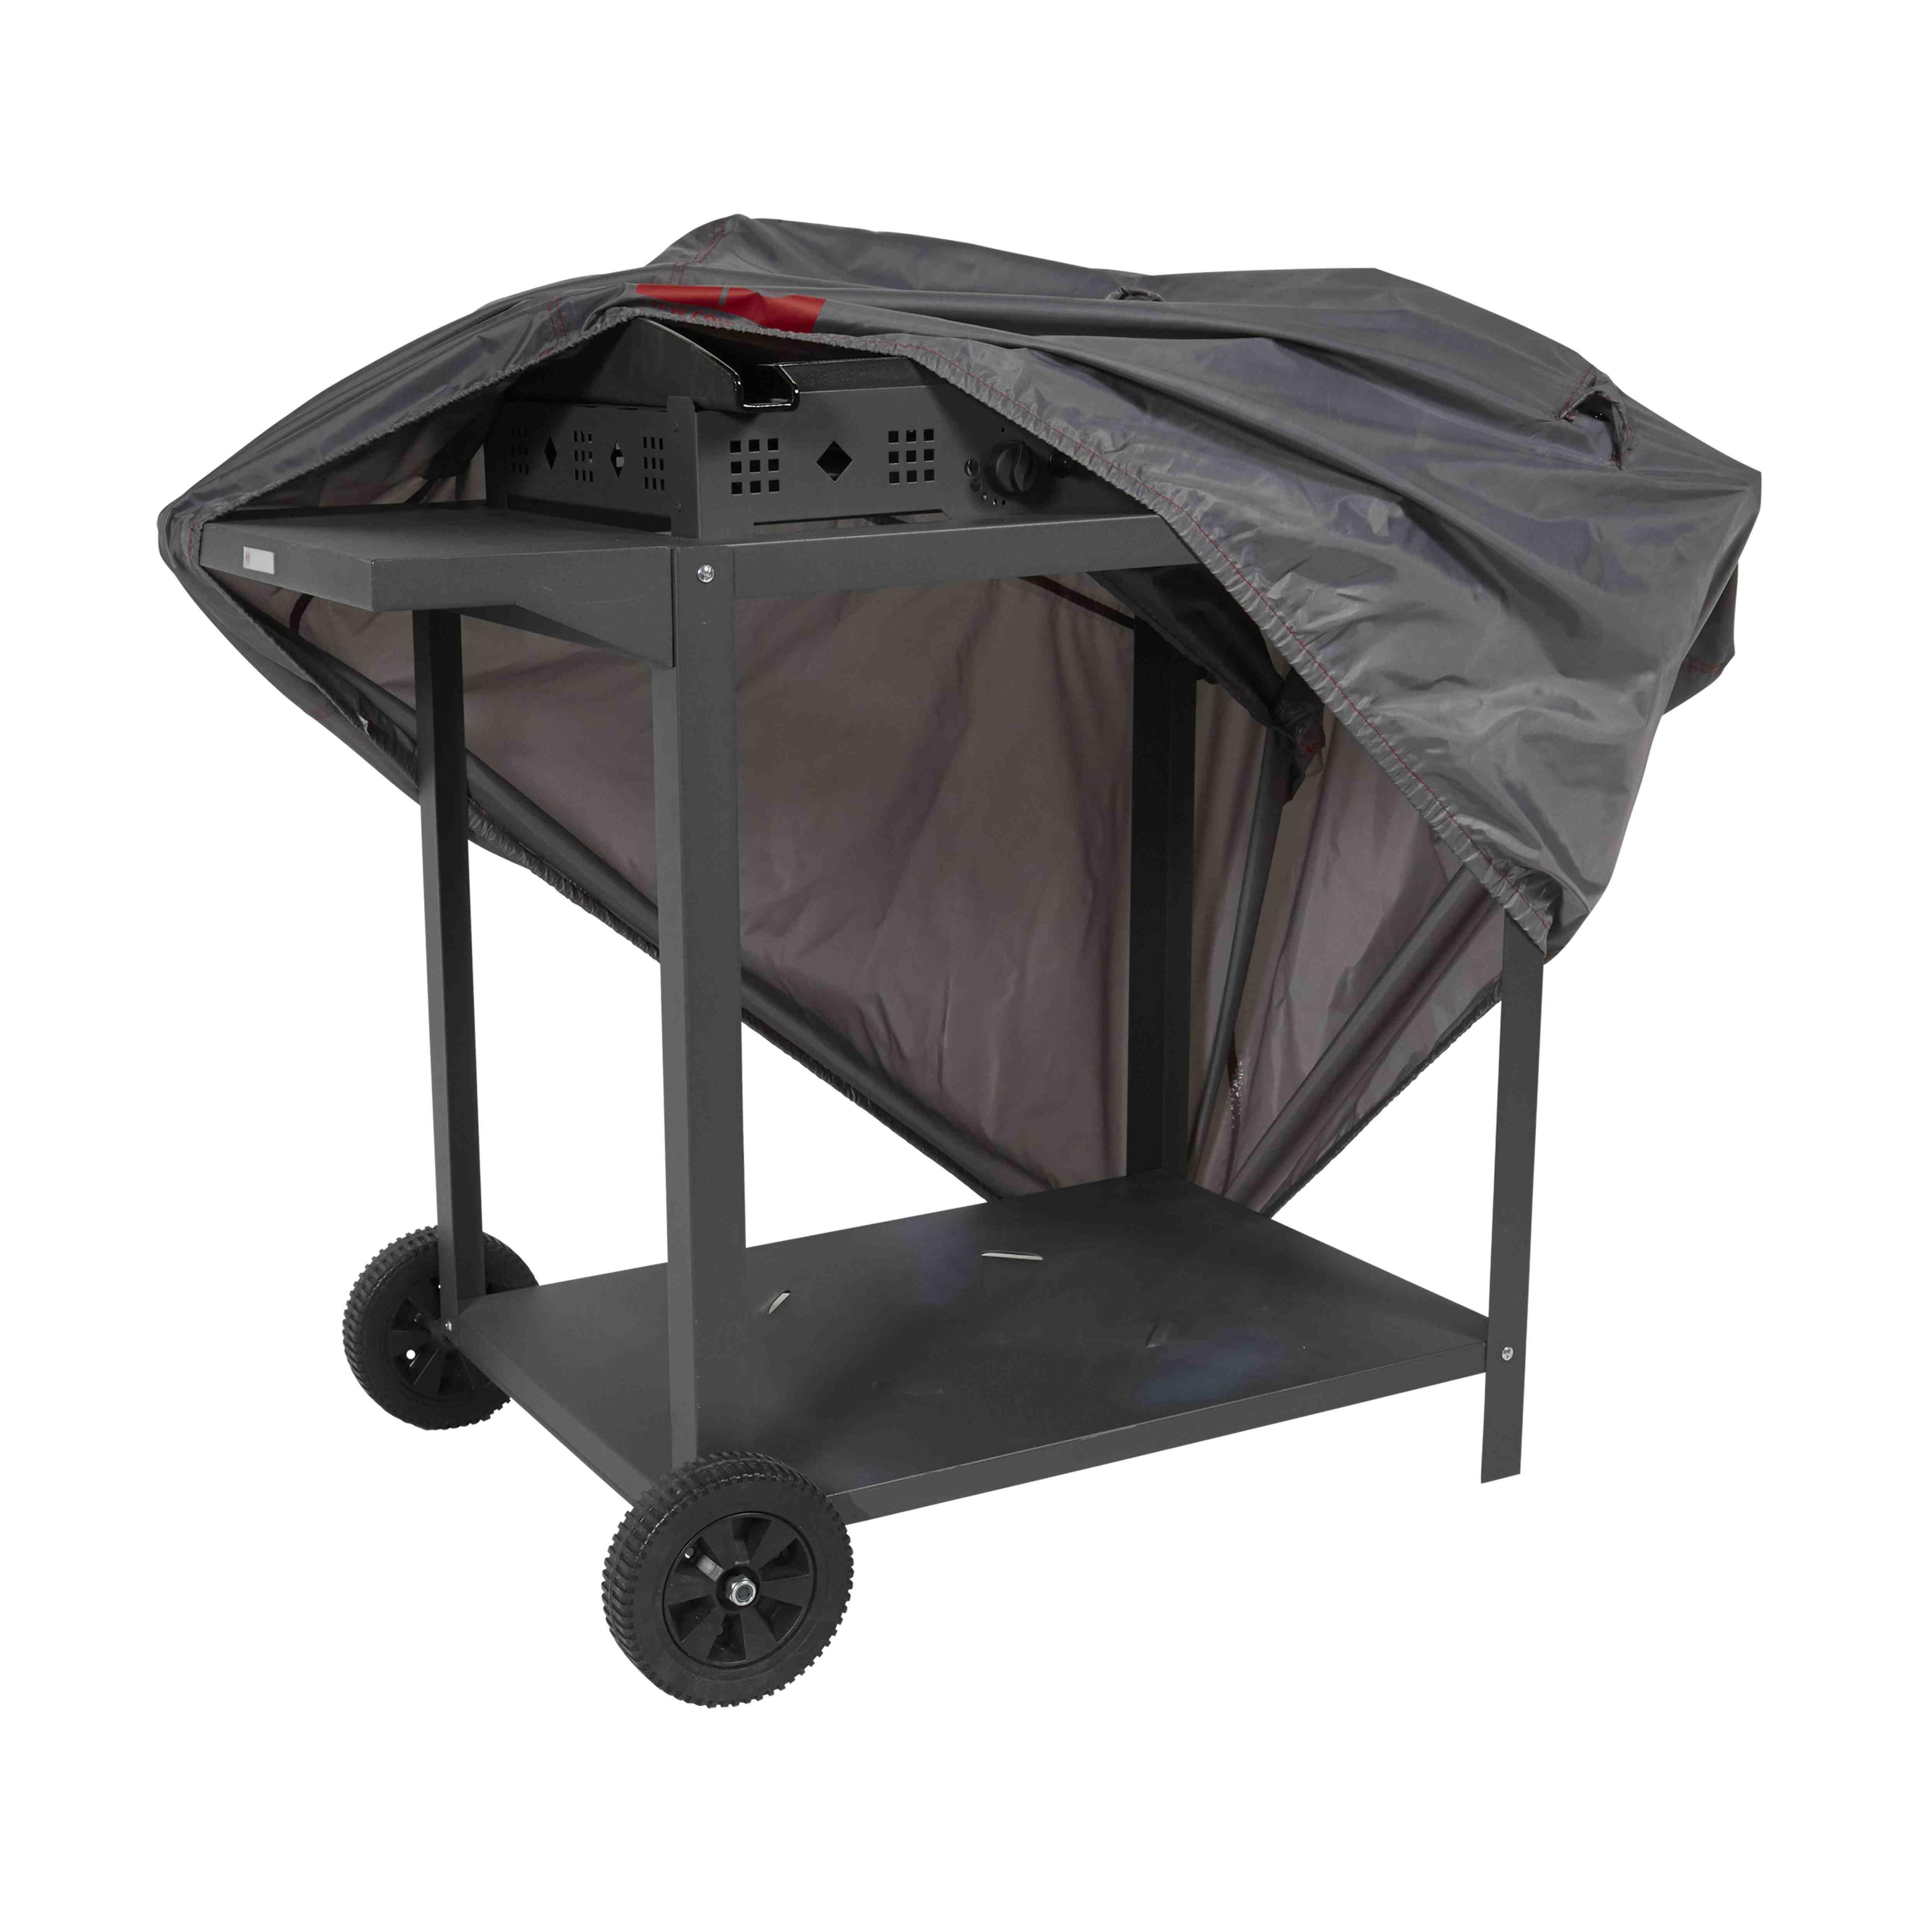 Housse de protection pour barbecue 110 x 58 cm, Cov'Up